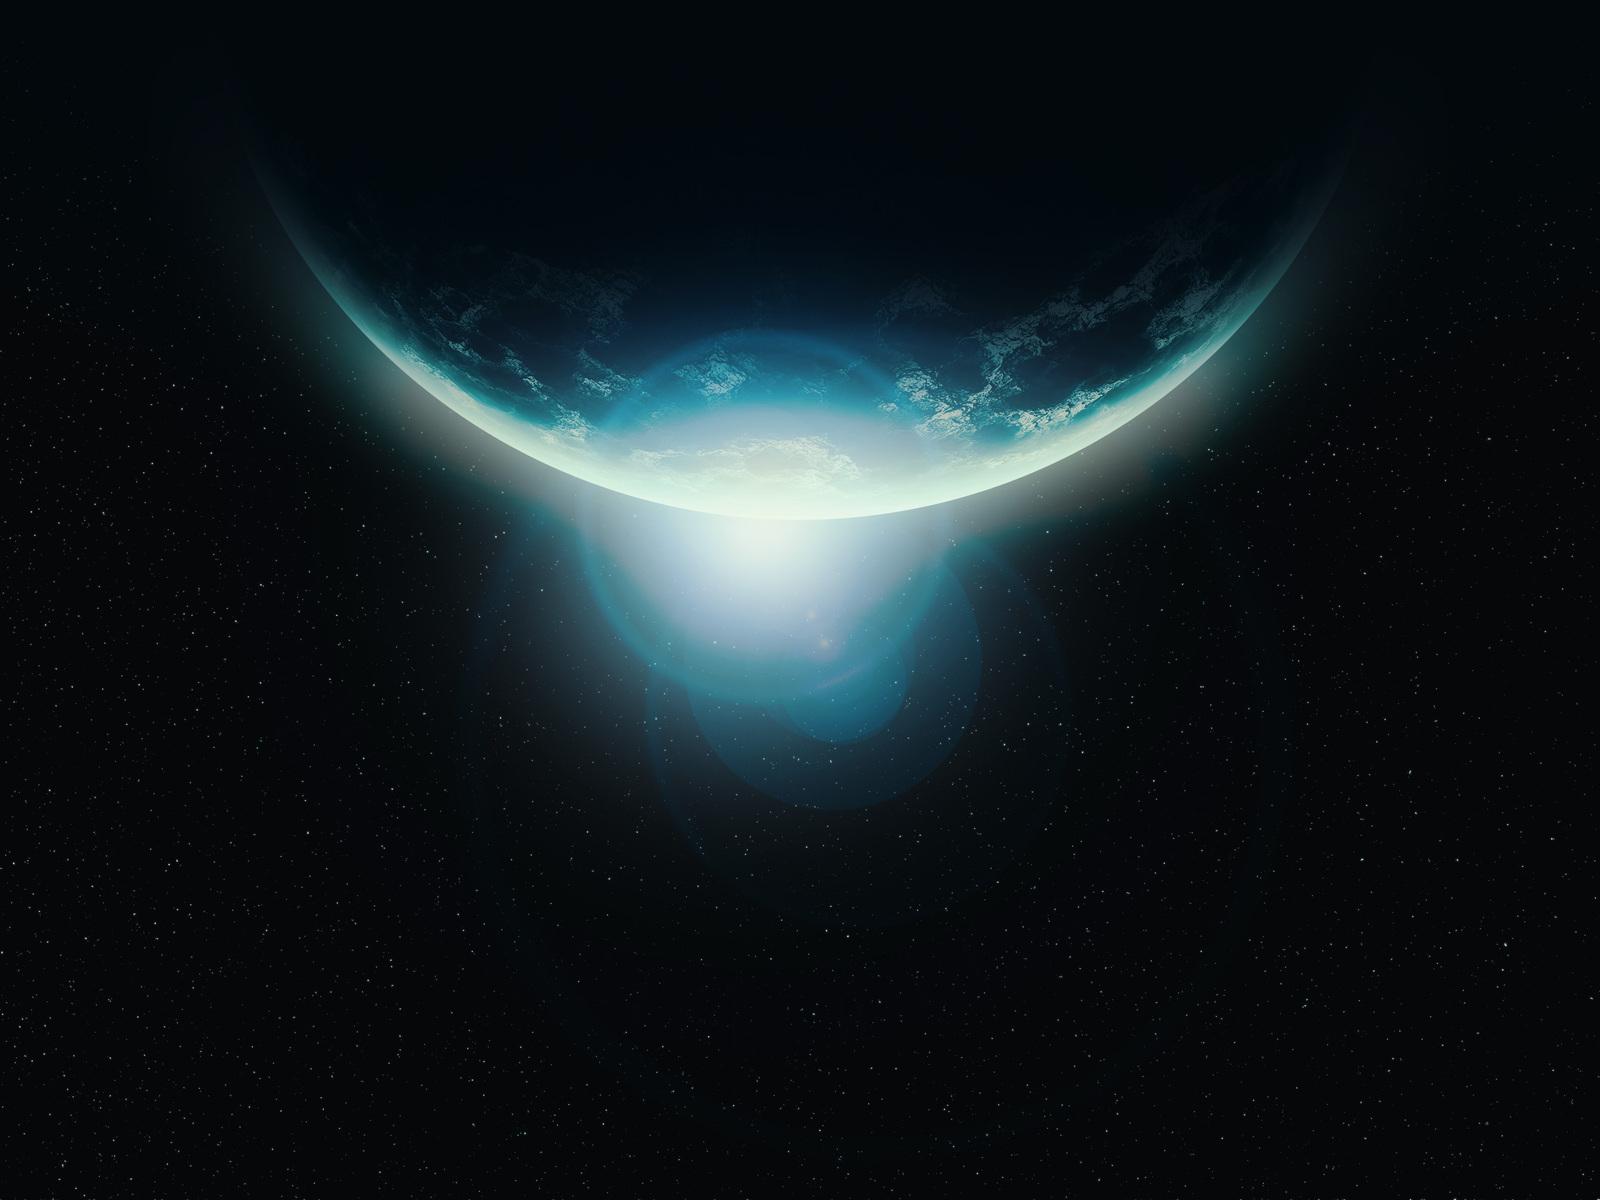 scifi-planet-lens-flare-stars-4k-rm.jpg